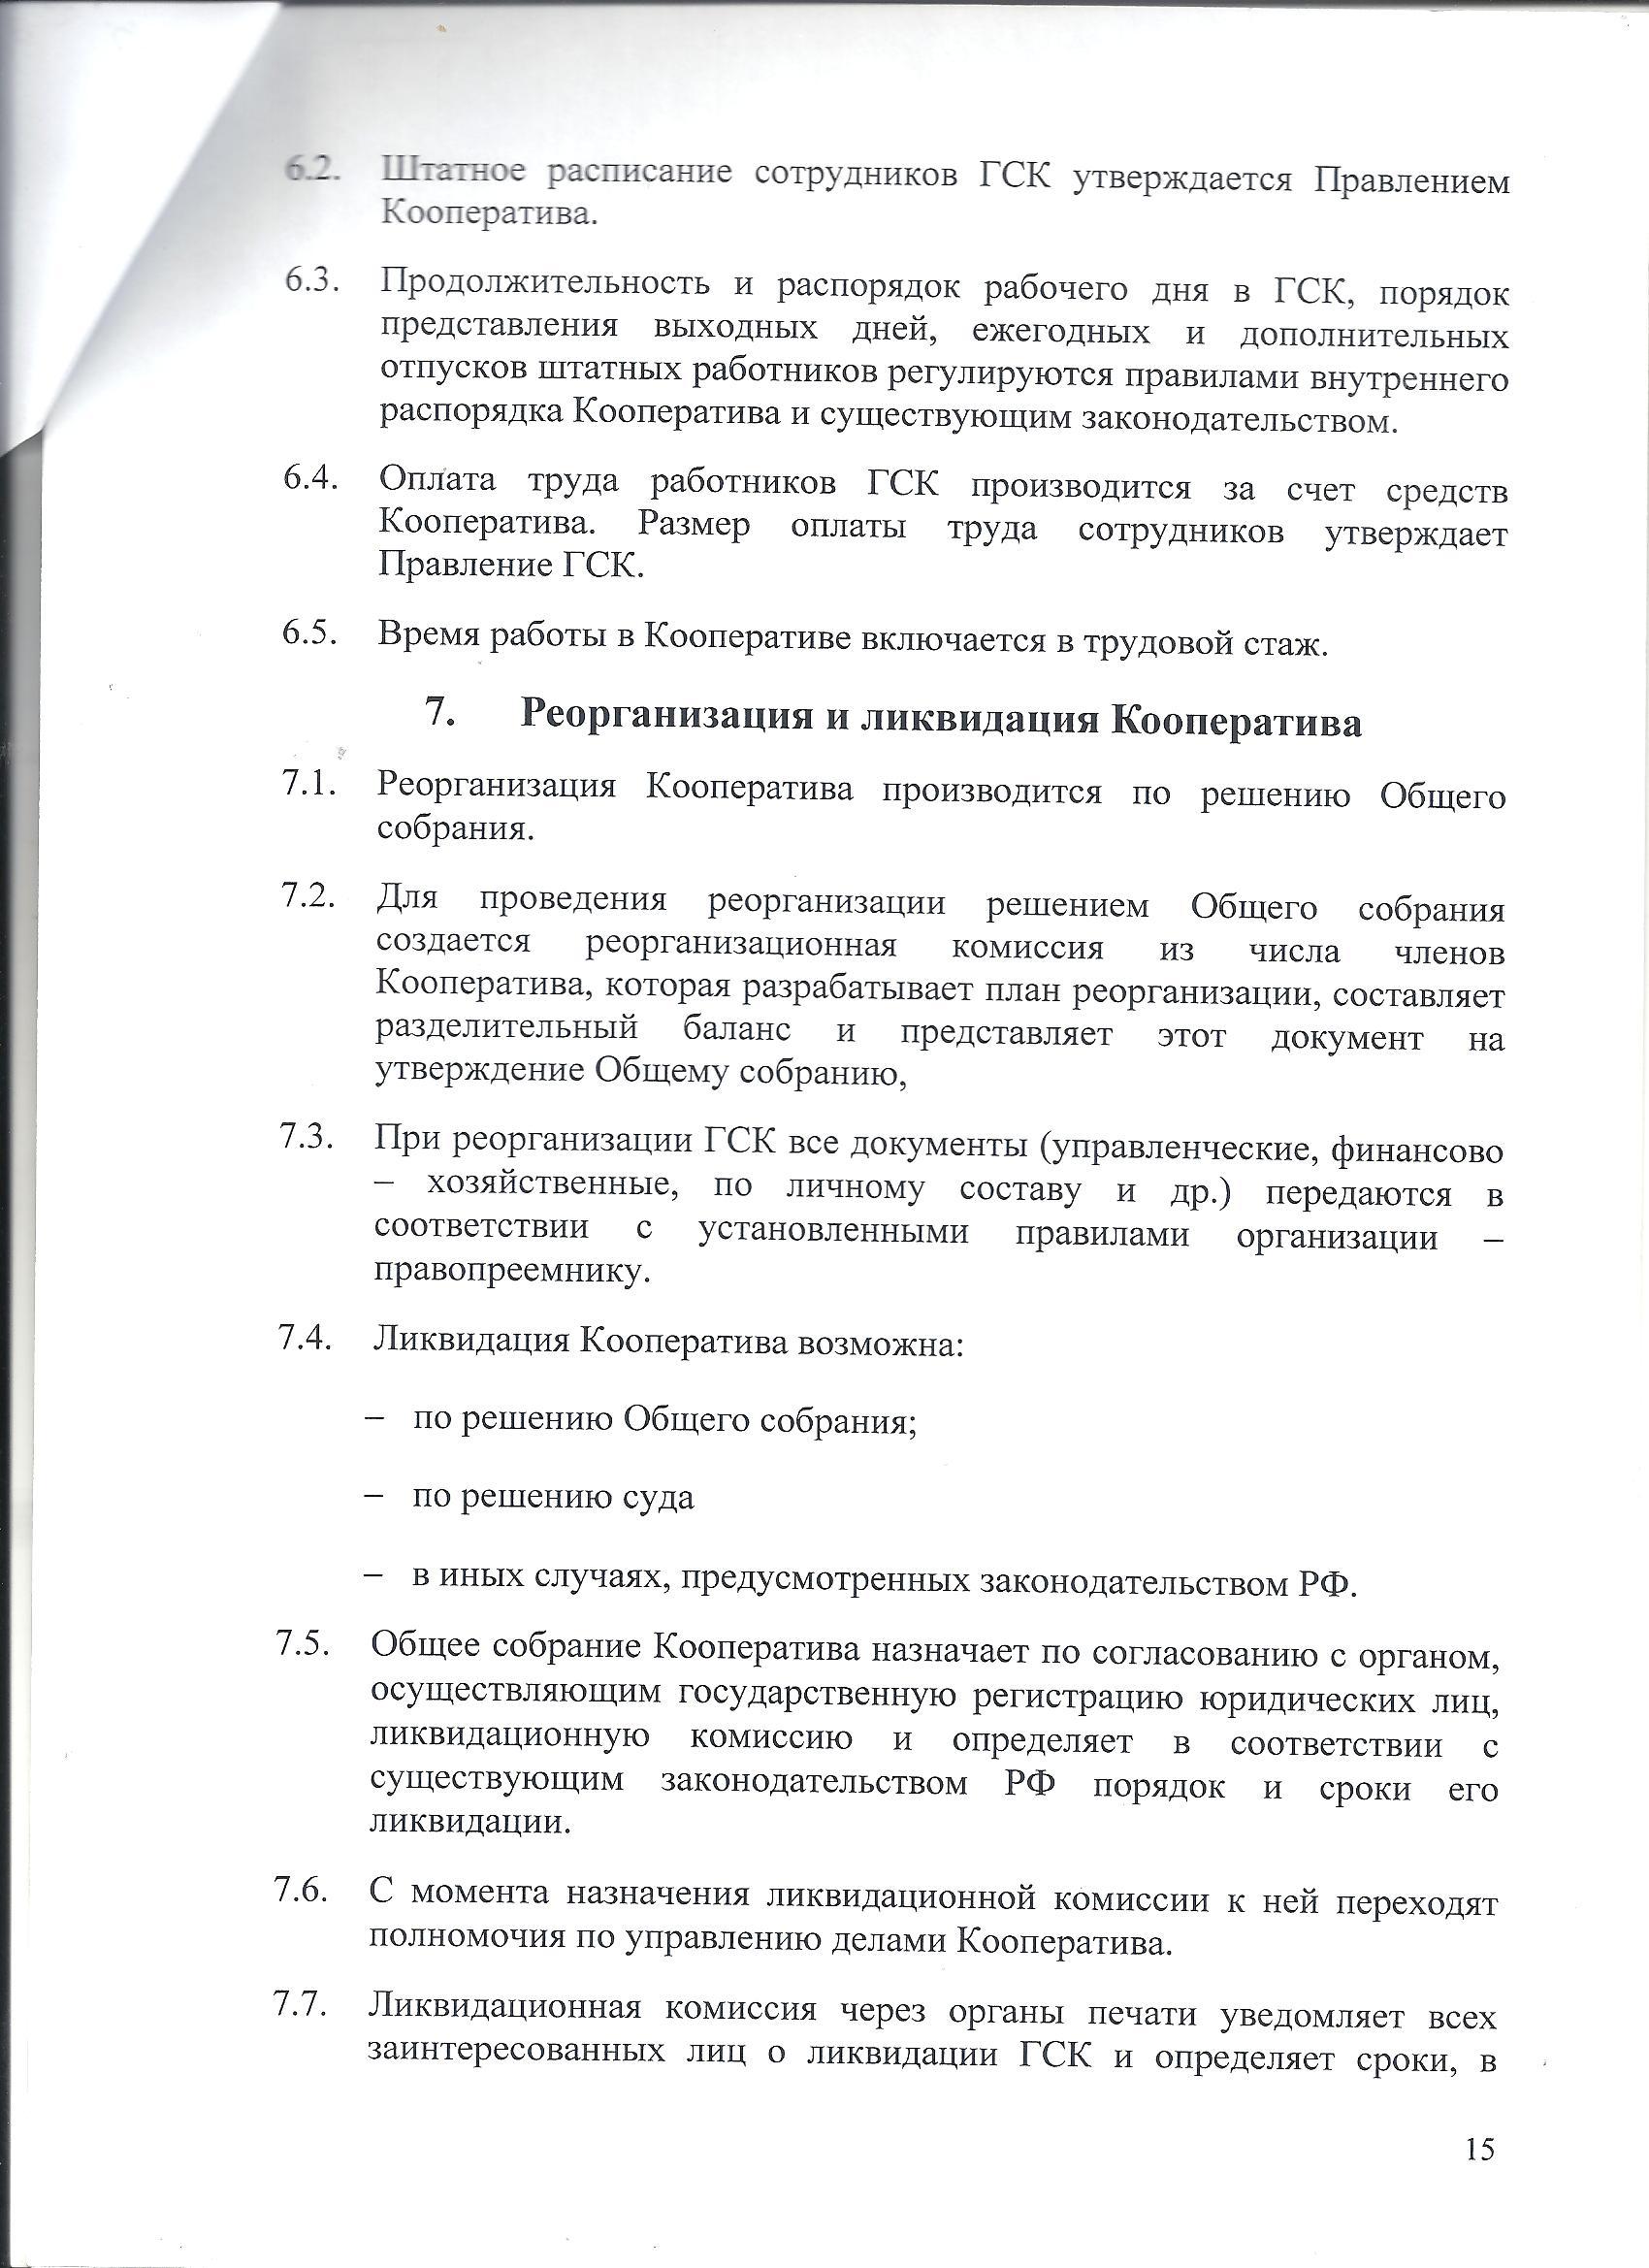 http://forumupload.ru/uploads/0018/e6/9c/2/798731.jpg